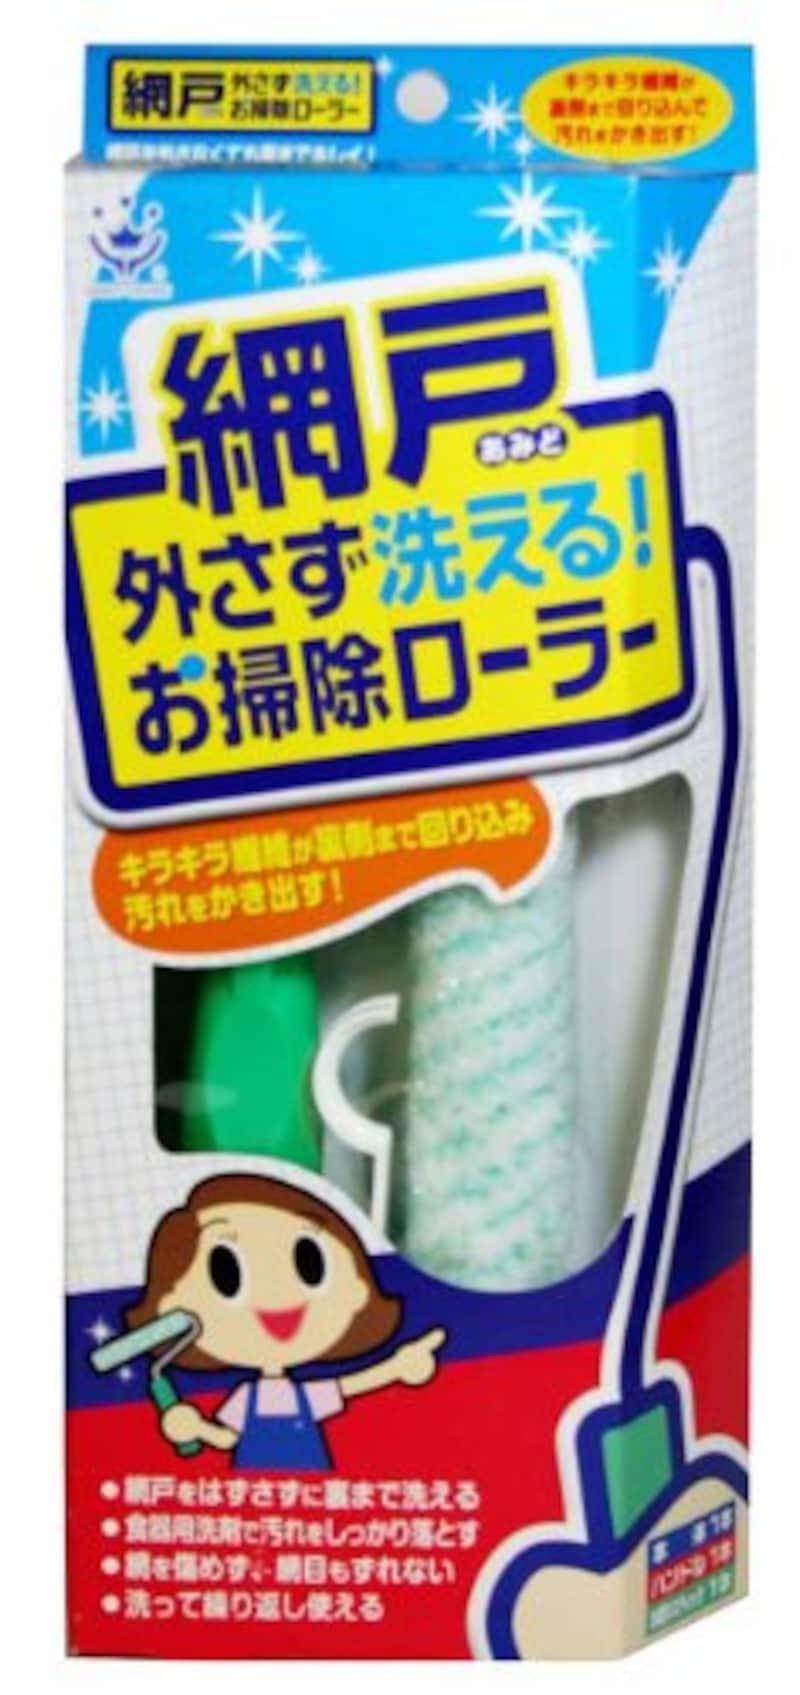 Handy crown (ハンディ・クラウン),お掃除ローラー